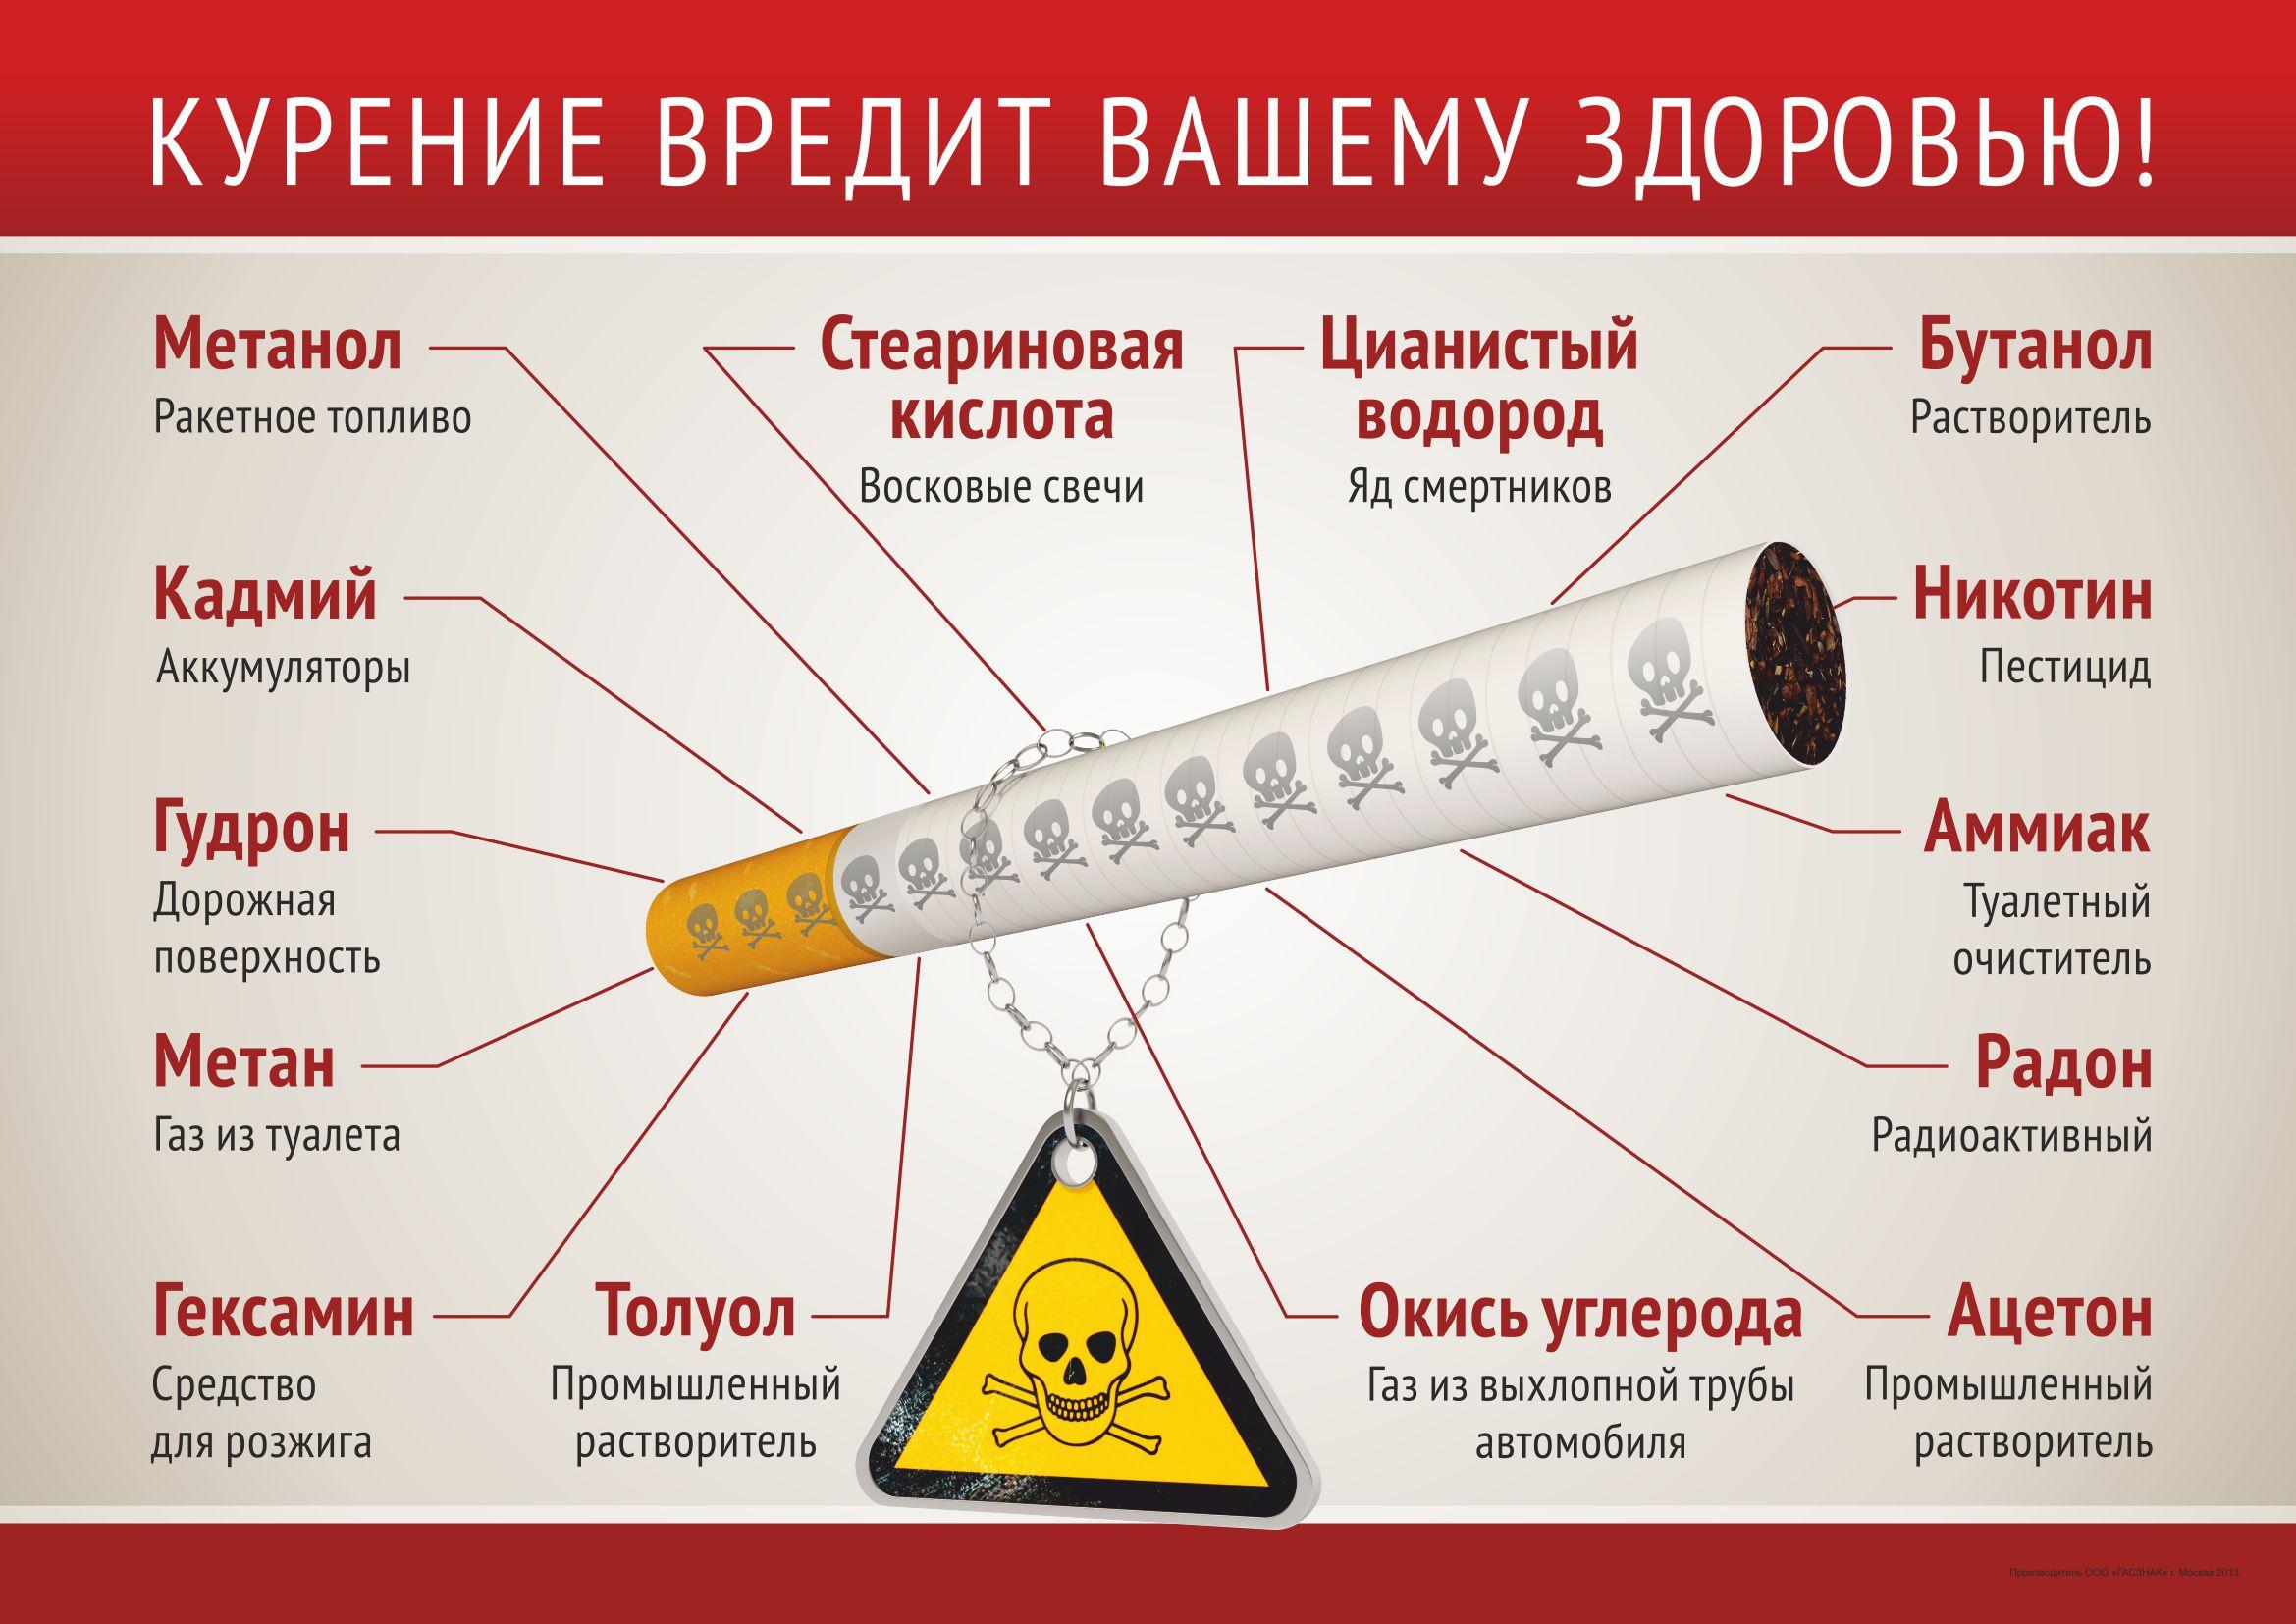 интересные картинки о вреде курения костюме охранника